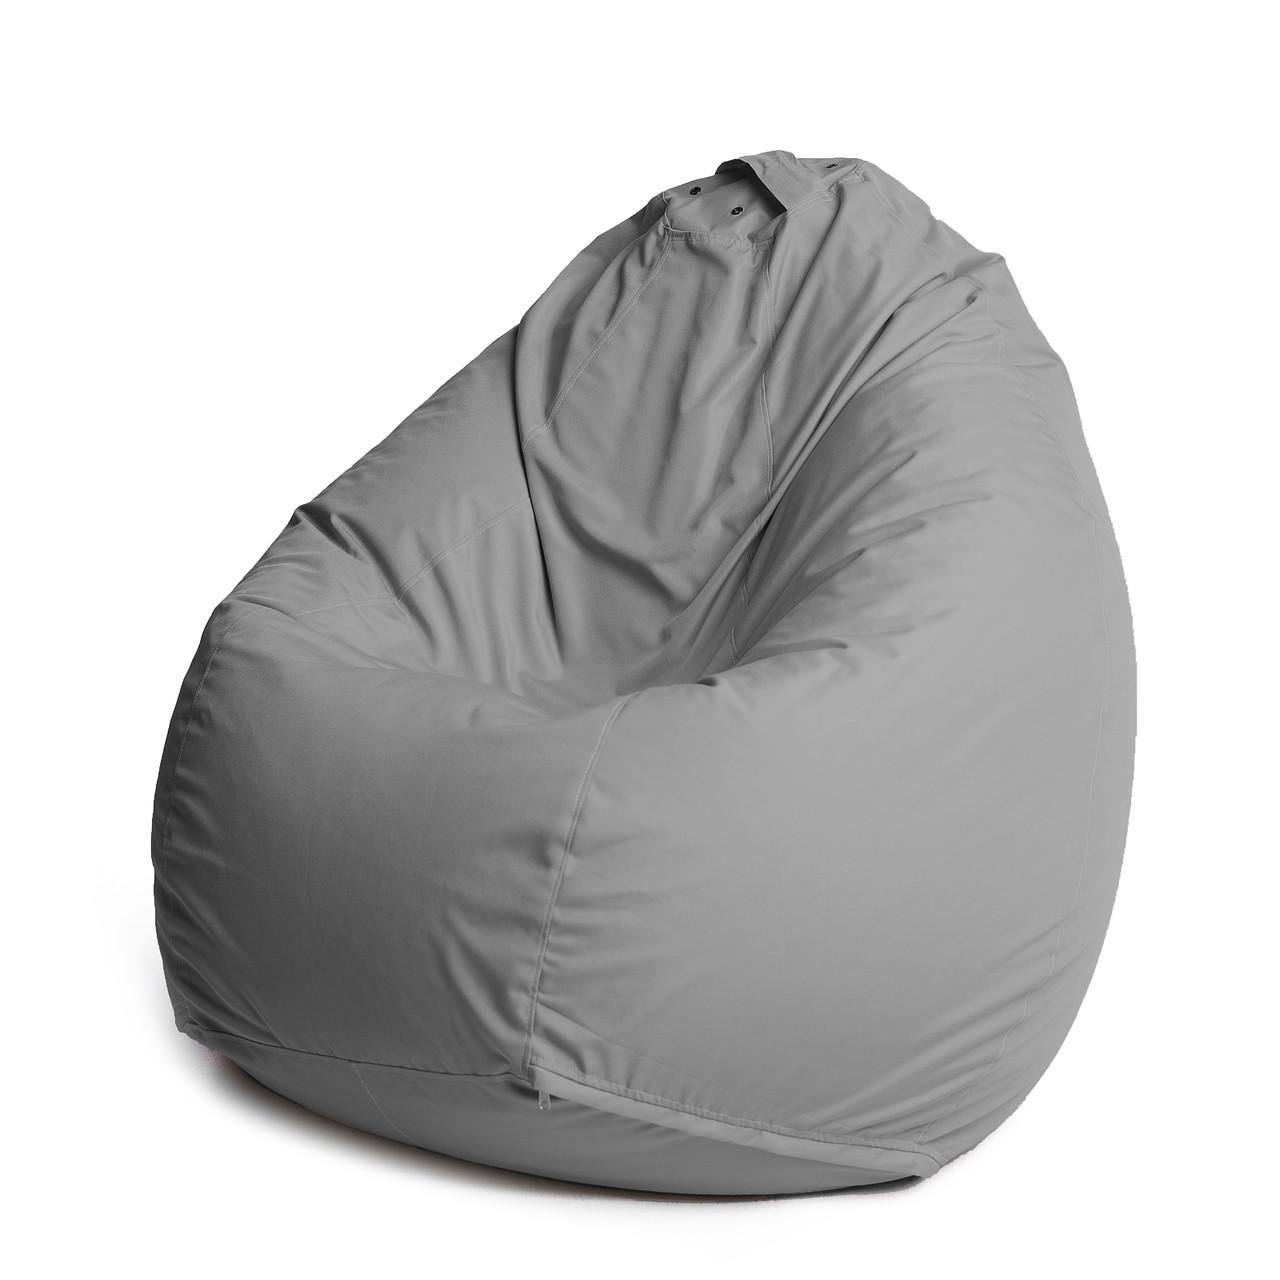 Кресло мешок груша с внутренним чехлом | Ткань Oxford XXL (Высота 130 см, ширина 90 см), Серый